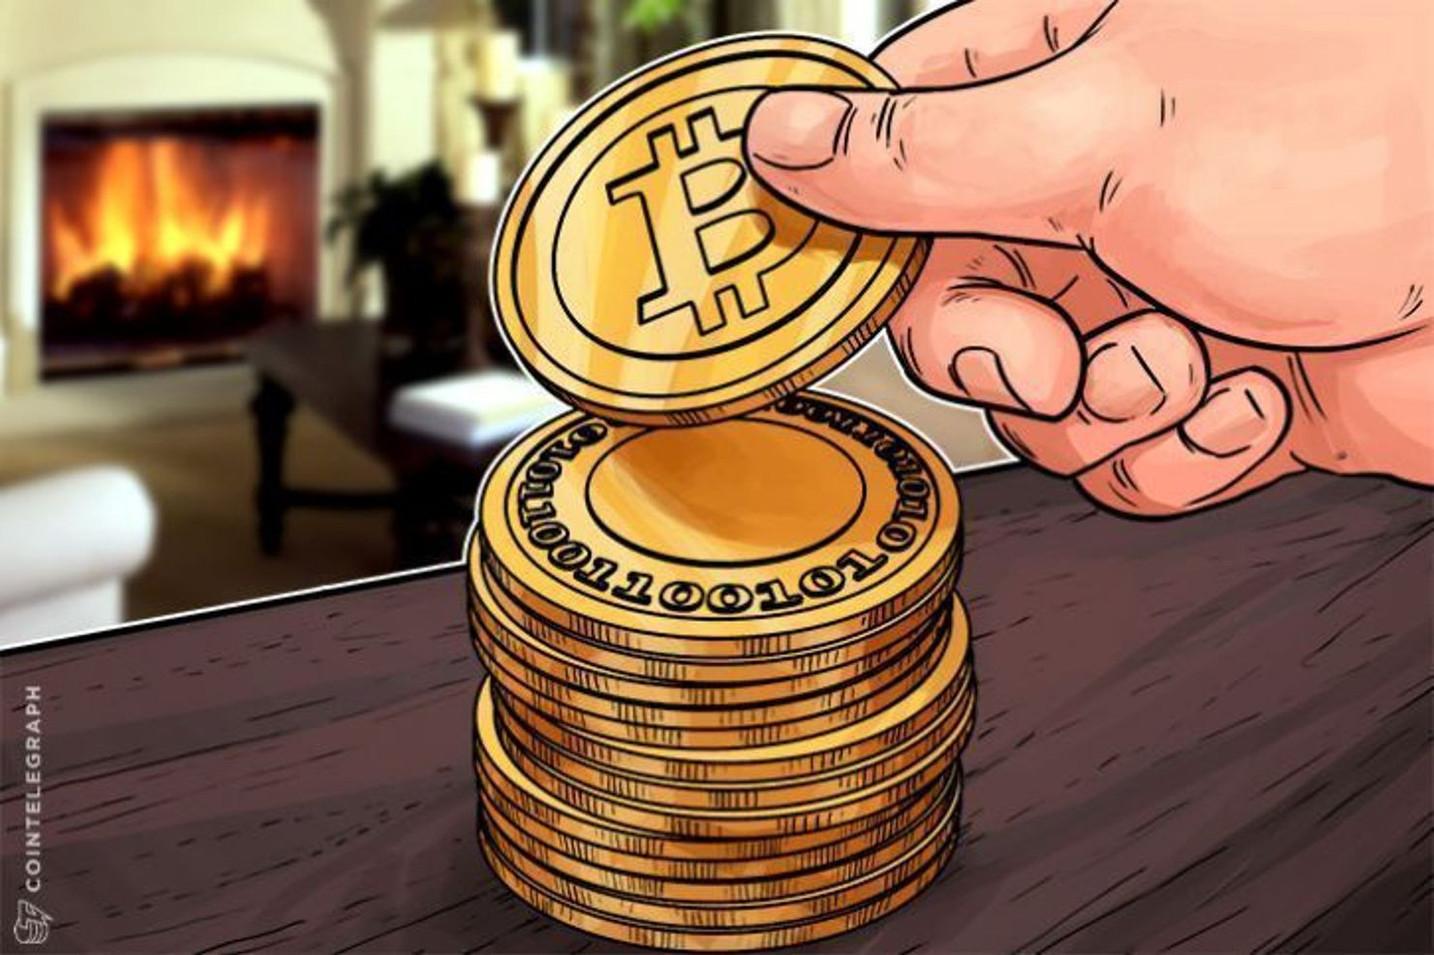 仮想通貨ビットコインの半減期効果 「もう織り込まれている」 米ヘッジファンドパートナーが発言【独自】